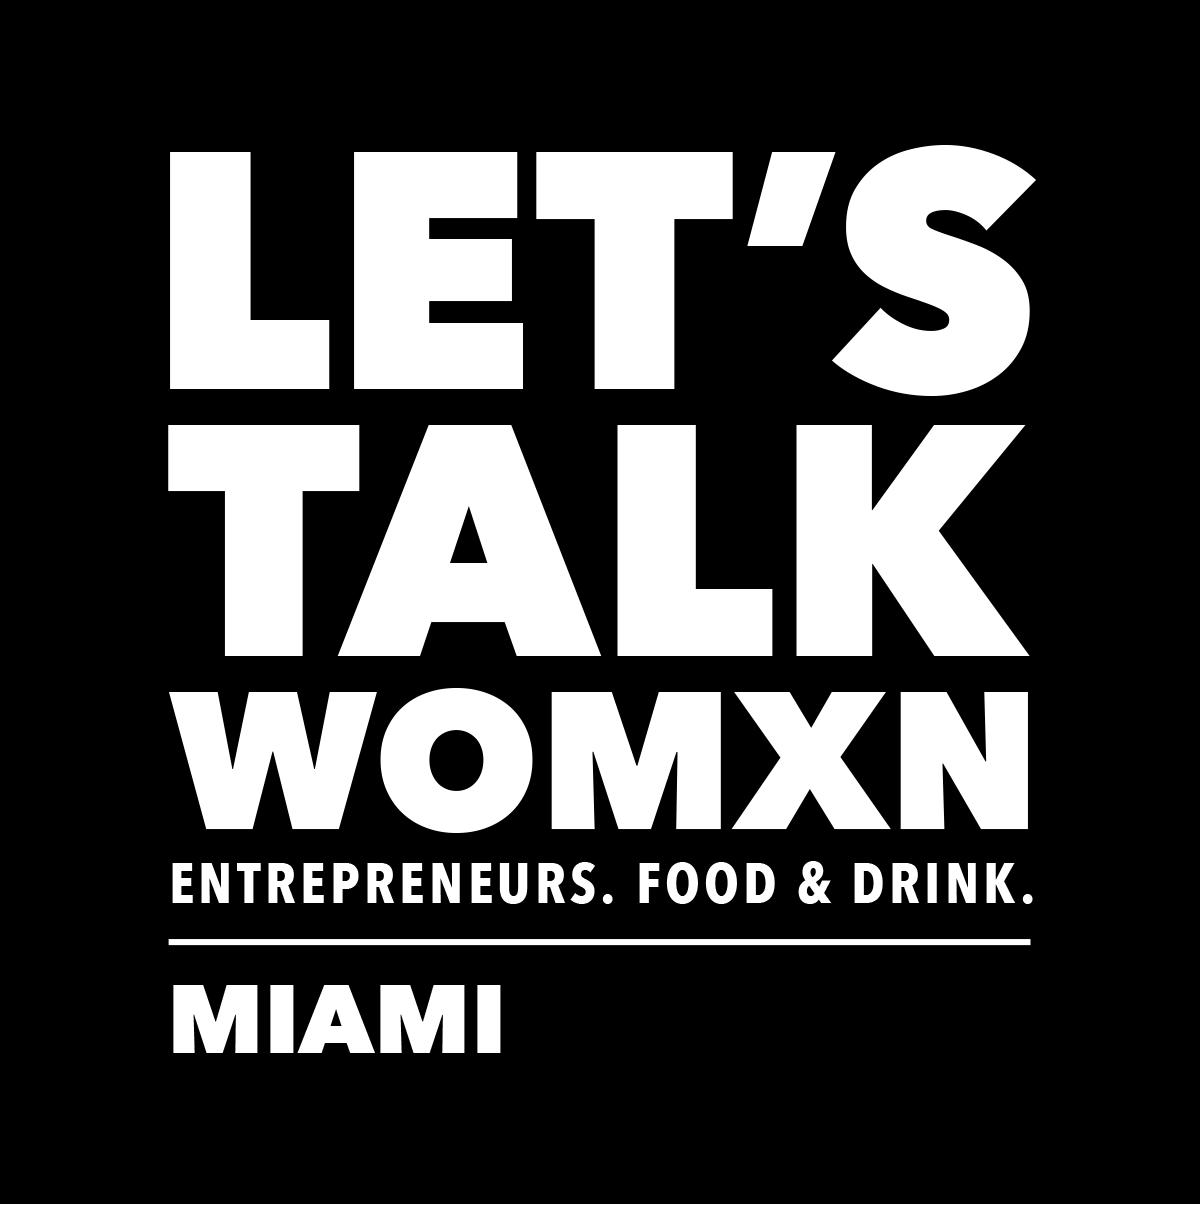 Let's Talk Womxn - Miami